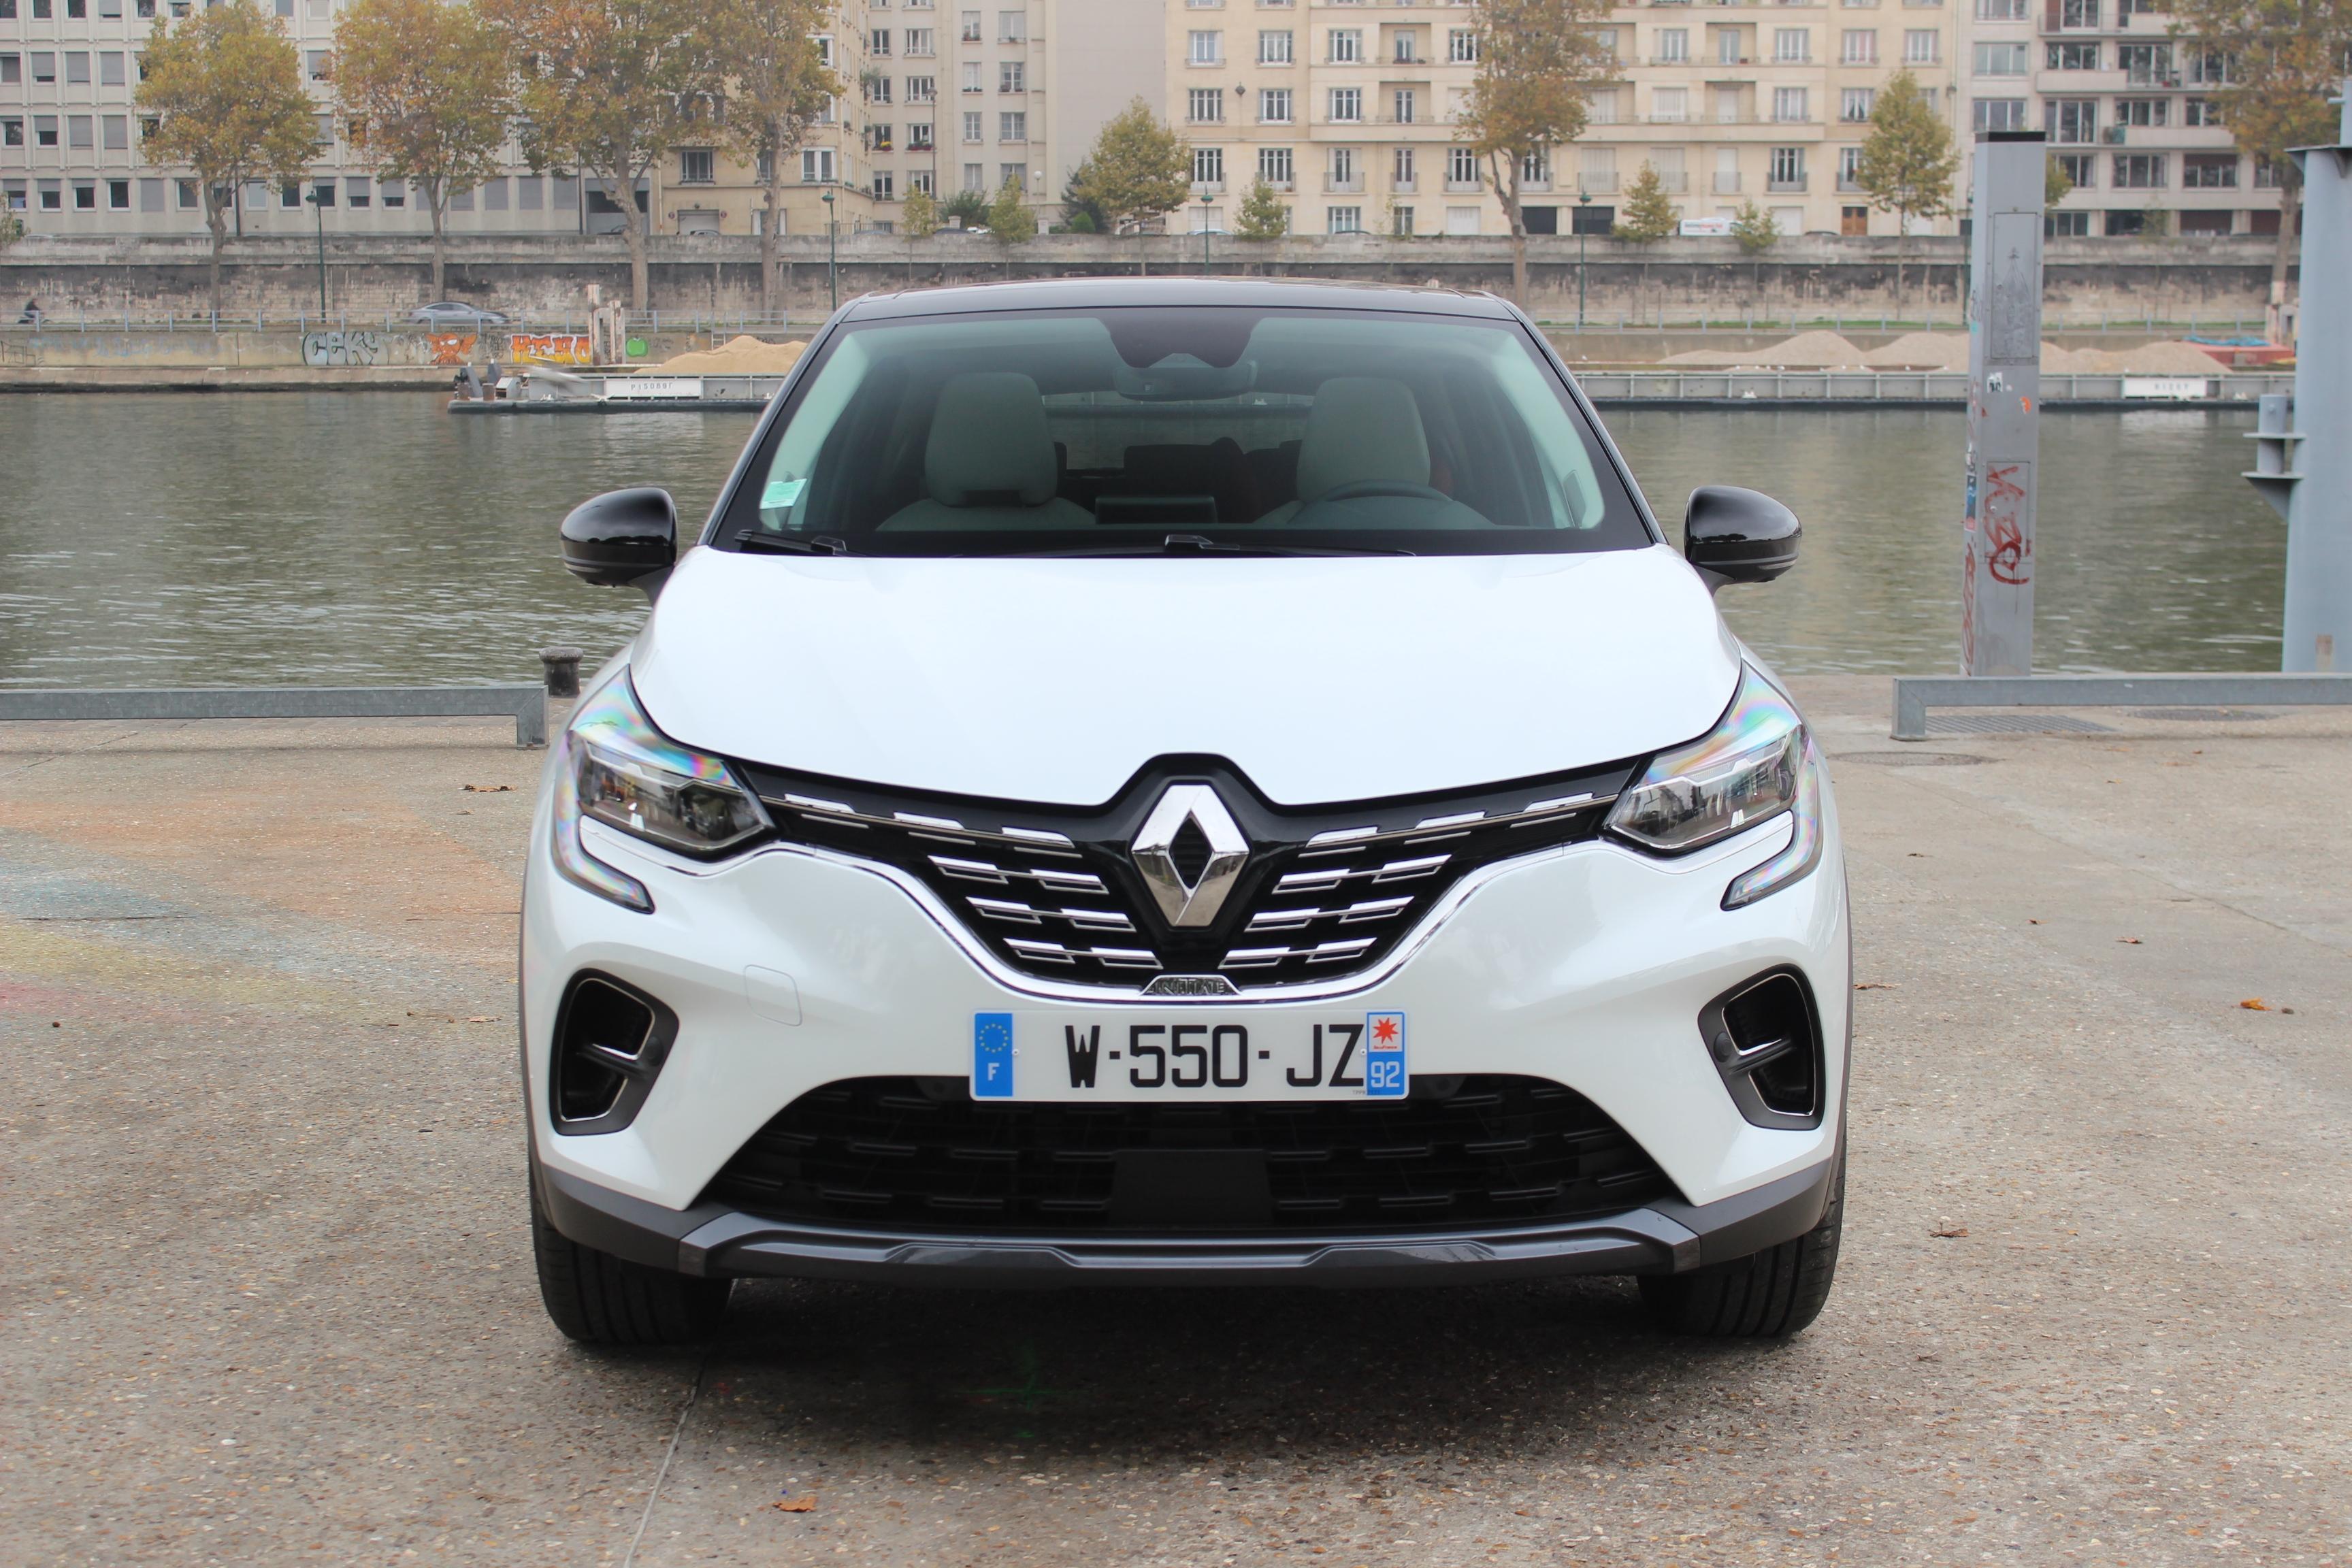 2019 - [Renault]  Captur II [HJB]  - Page 11 S0-essai-renault-captur-tce-155-ch-initiale-paris-que-vaut-le-captur-le-plus-puissant-et-le-plus-cher-610172